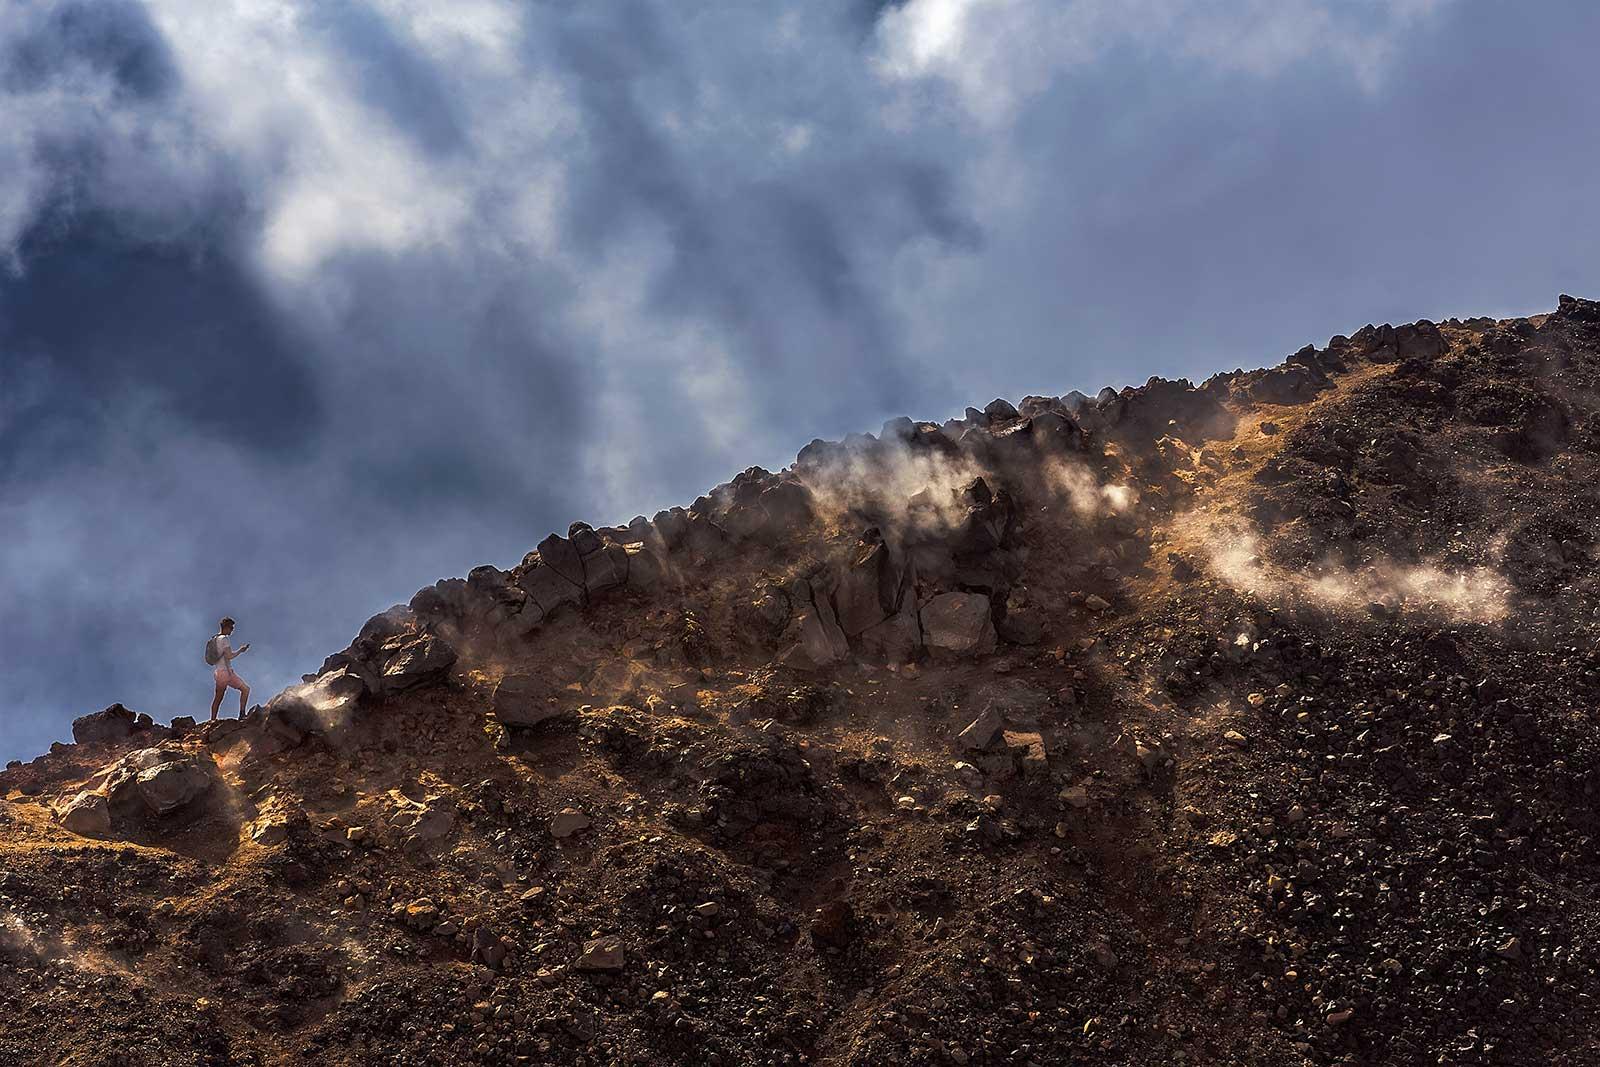 tongariro-alpine-crossing-mount-doom-new-zealand